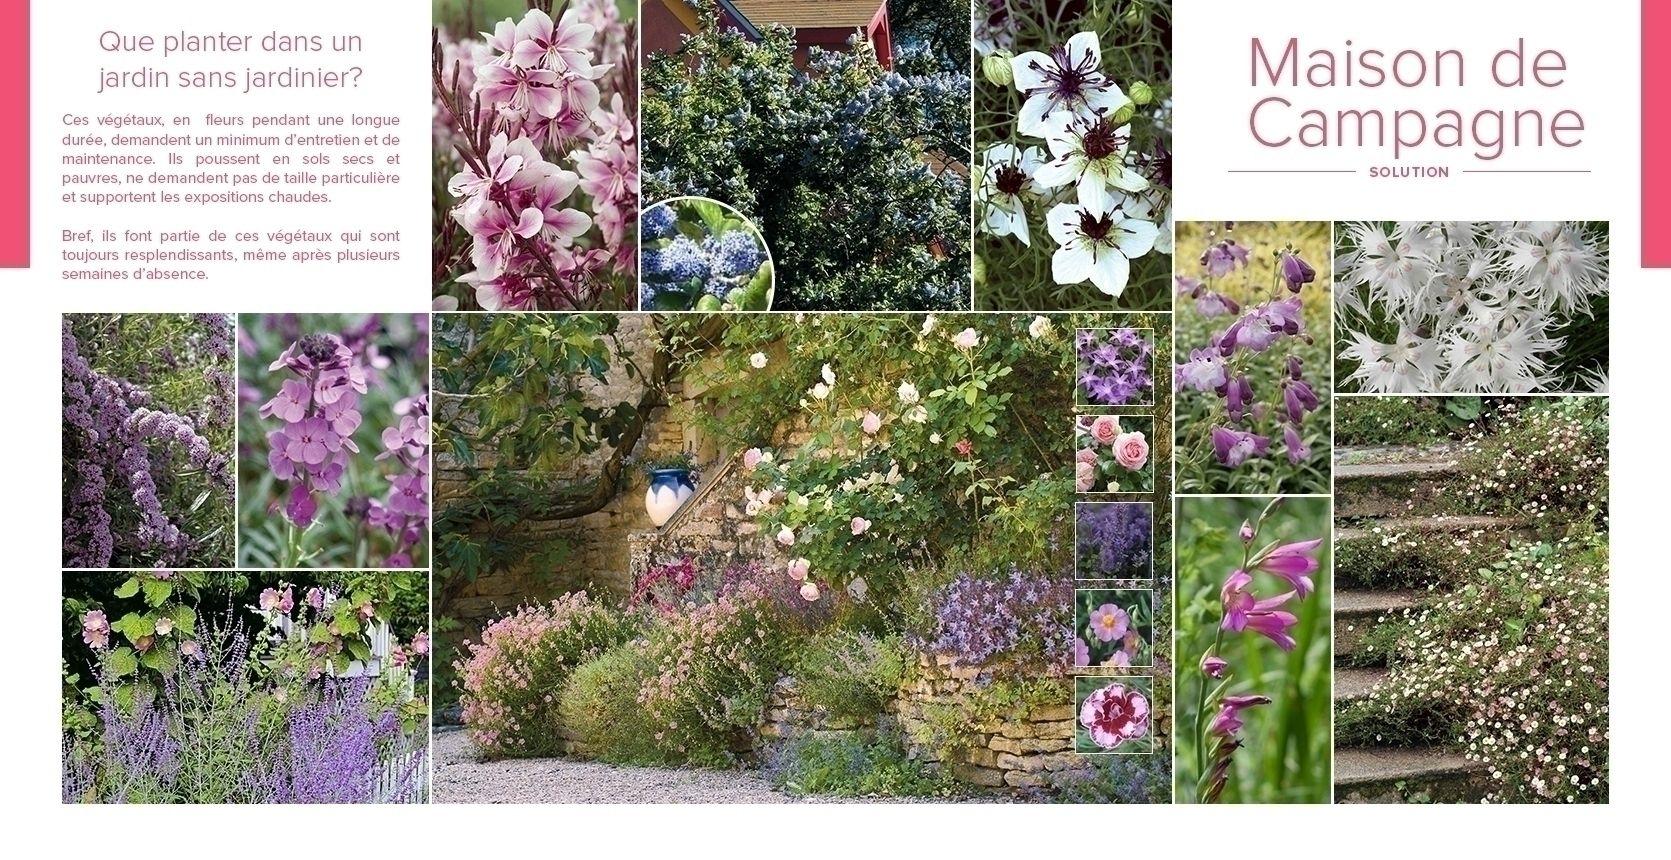 Maison De Campagne Idees Jardin Maison De Campagne Et Jardins